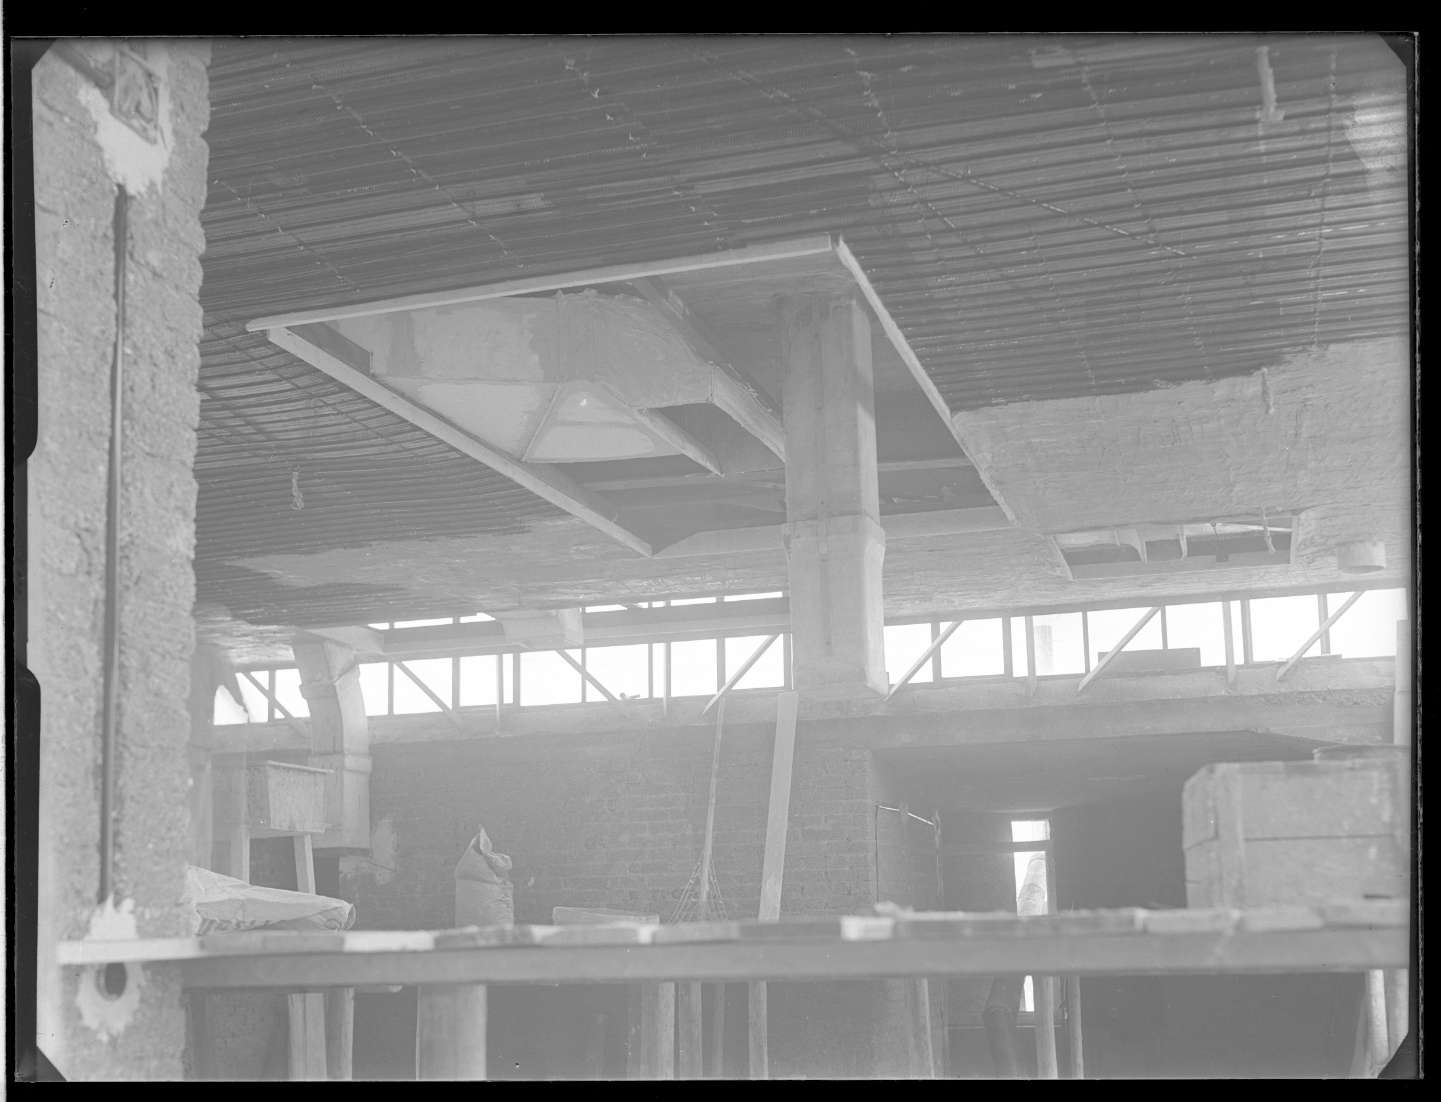 Stuttgart, B.D., Kantine Neubau (innen), Lüftungsschächte in der Küche, Abb. b